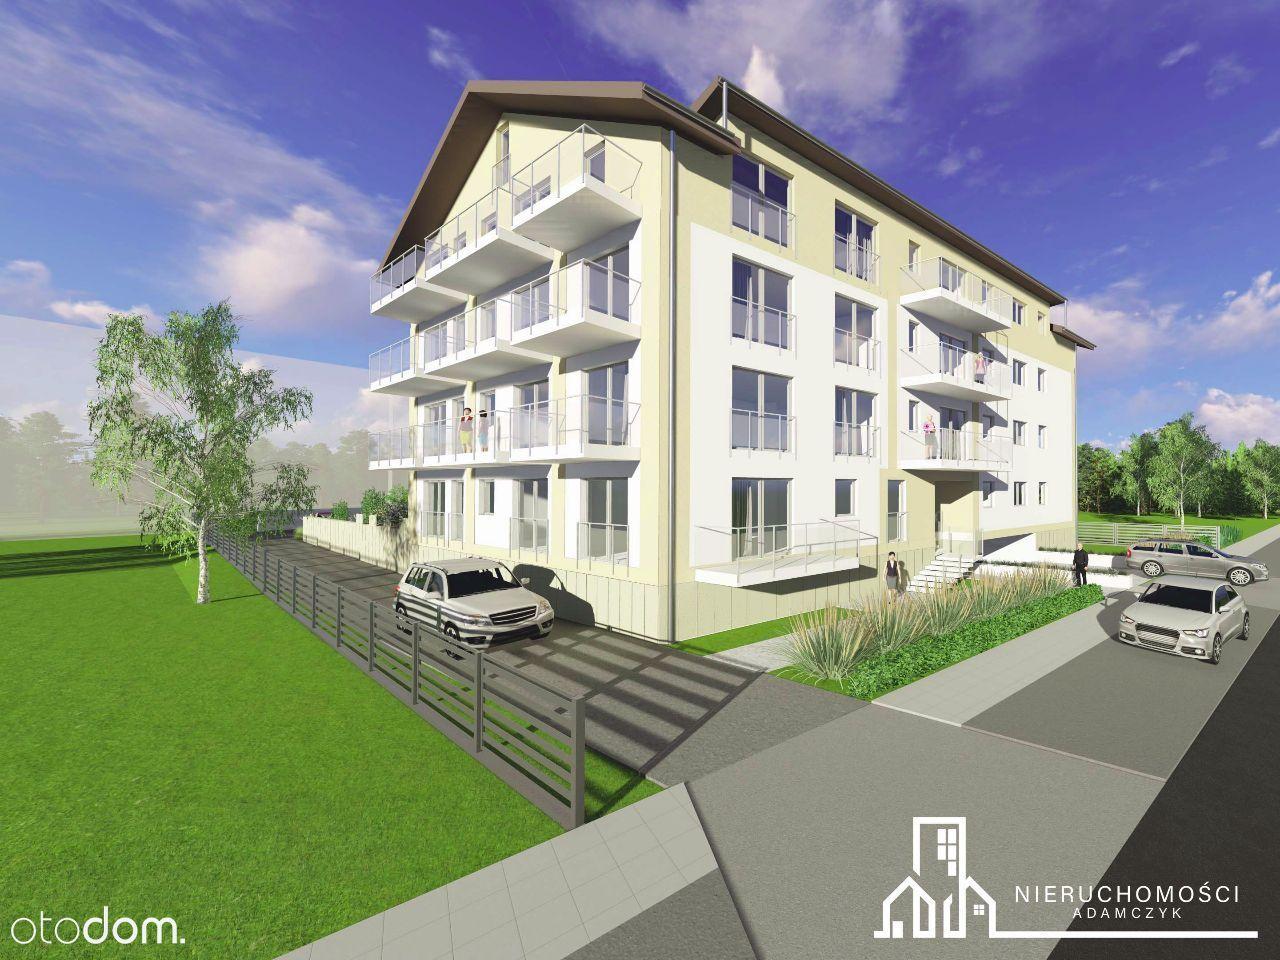 Nowe mieszkania - zainwestuj w Świnoujściu